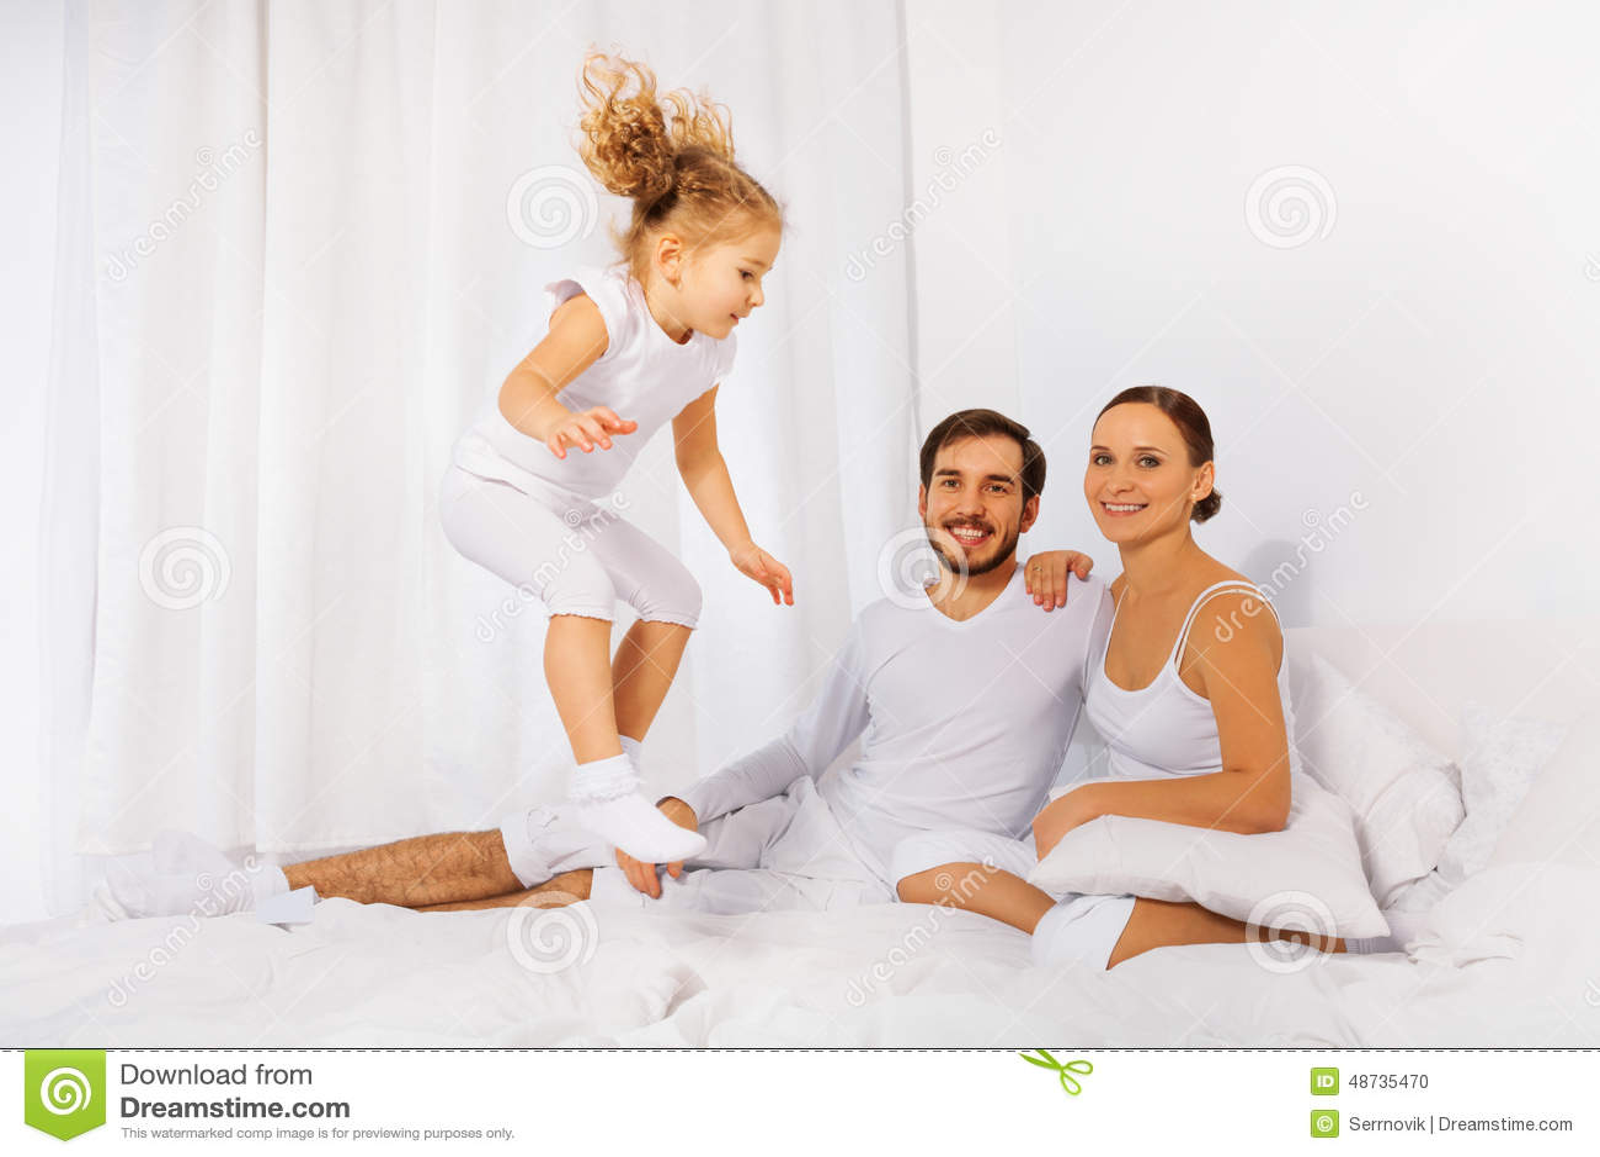 mutter in der k che gefickt ikea k che metod unterschrank essplatz modern ideen selber bauen. Black Bedroom Furniture Sets. Home Design Ideas